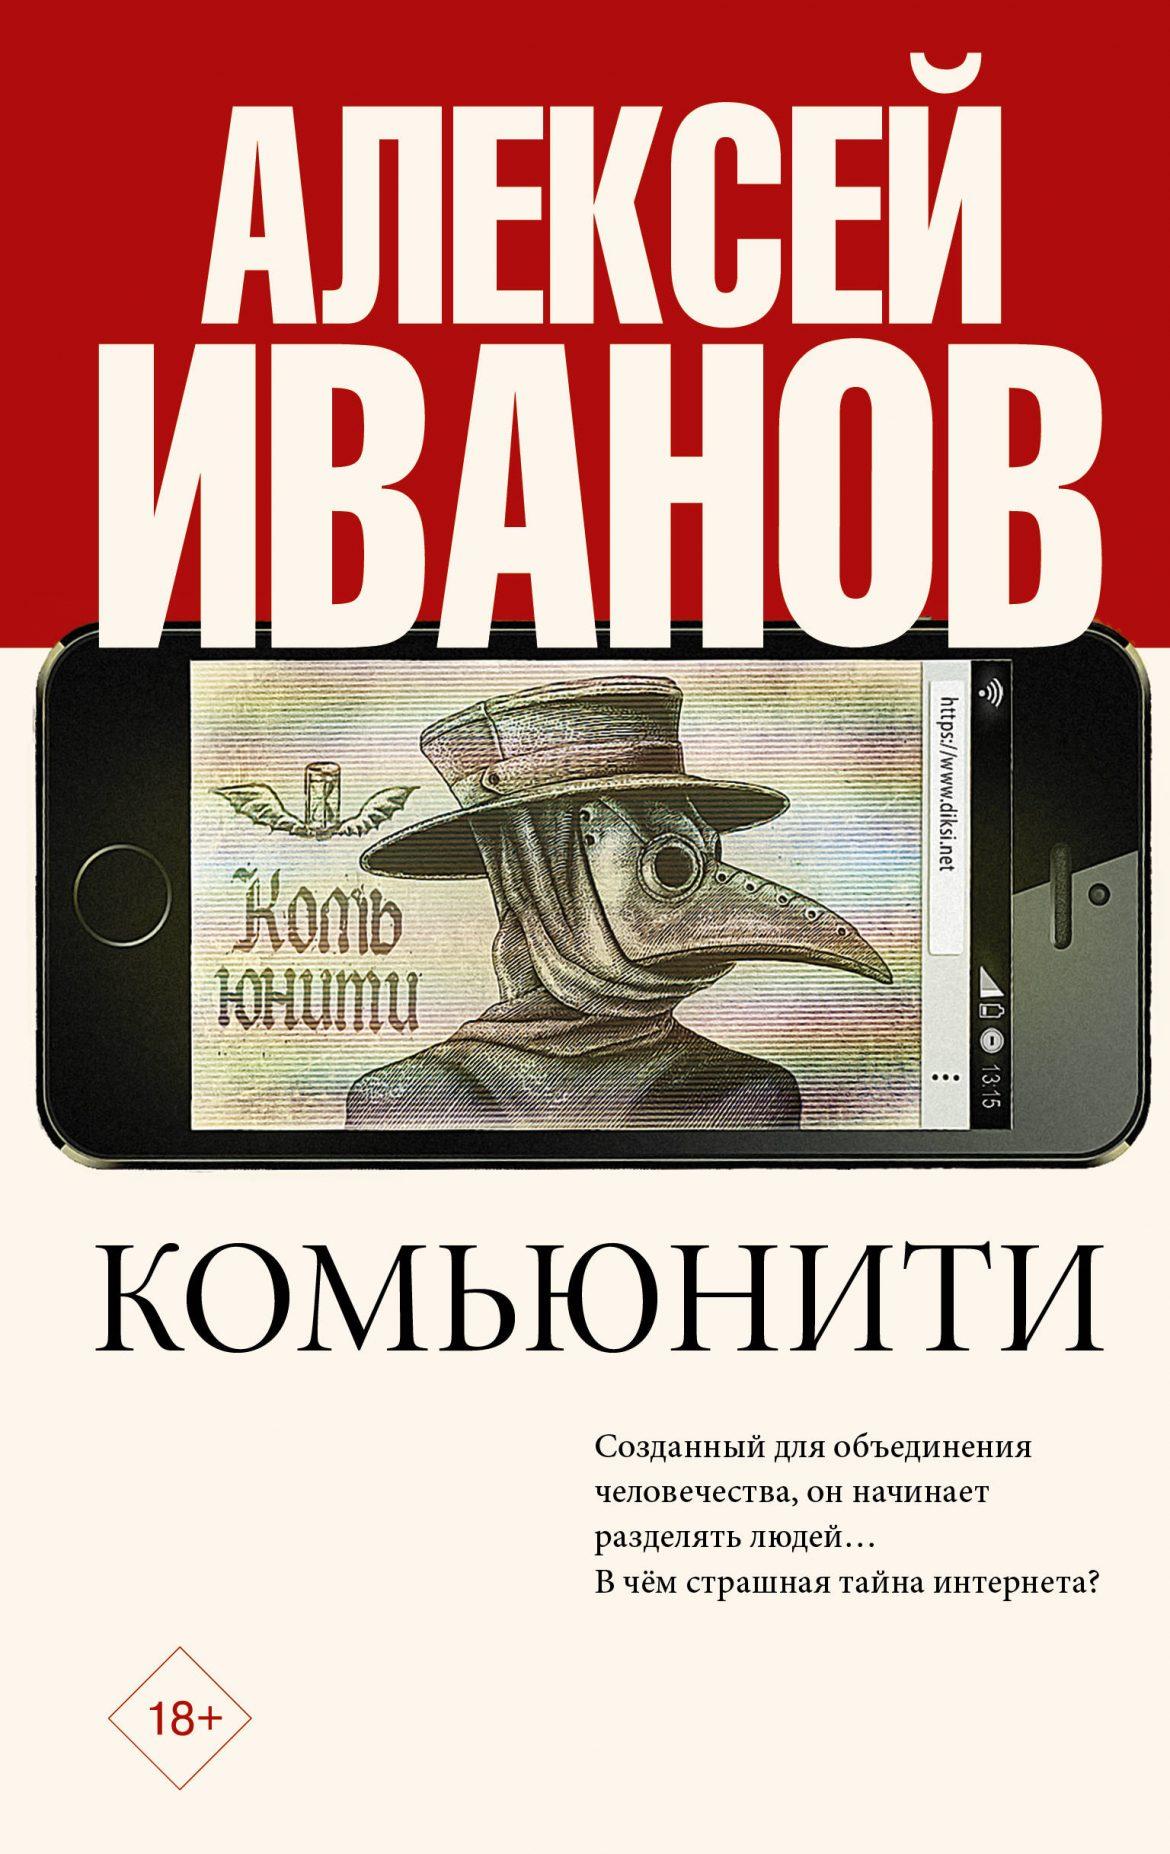 Комьюнити — Алексей Иванов